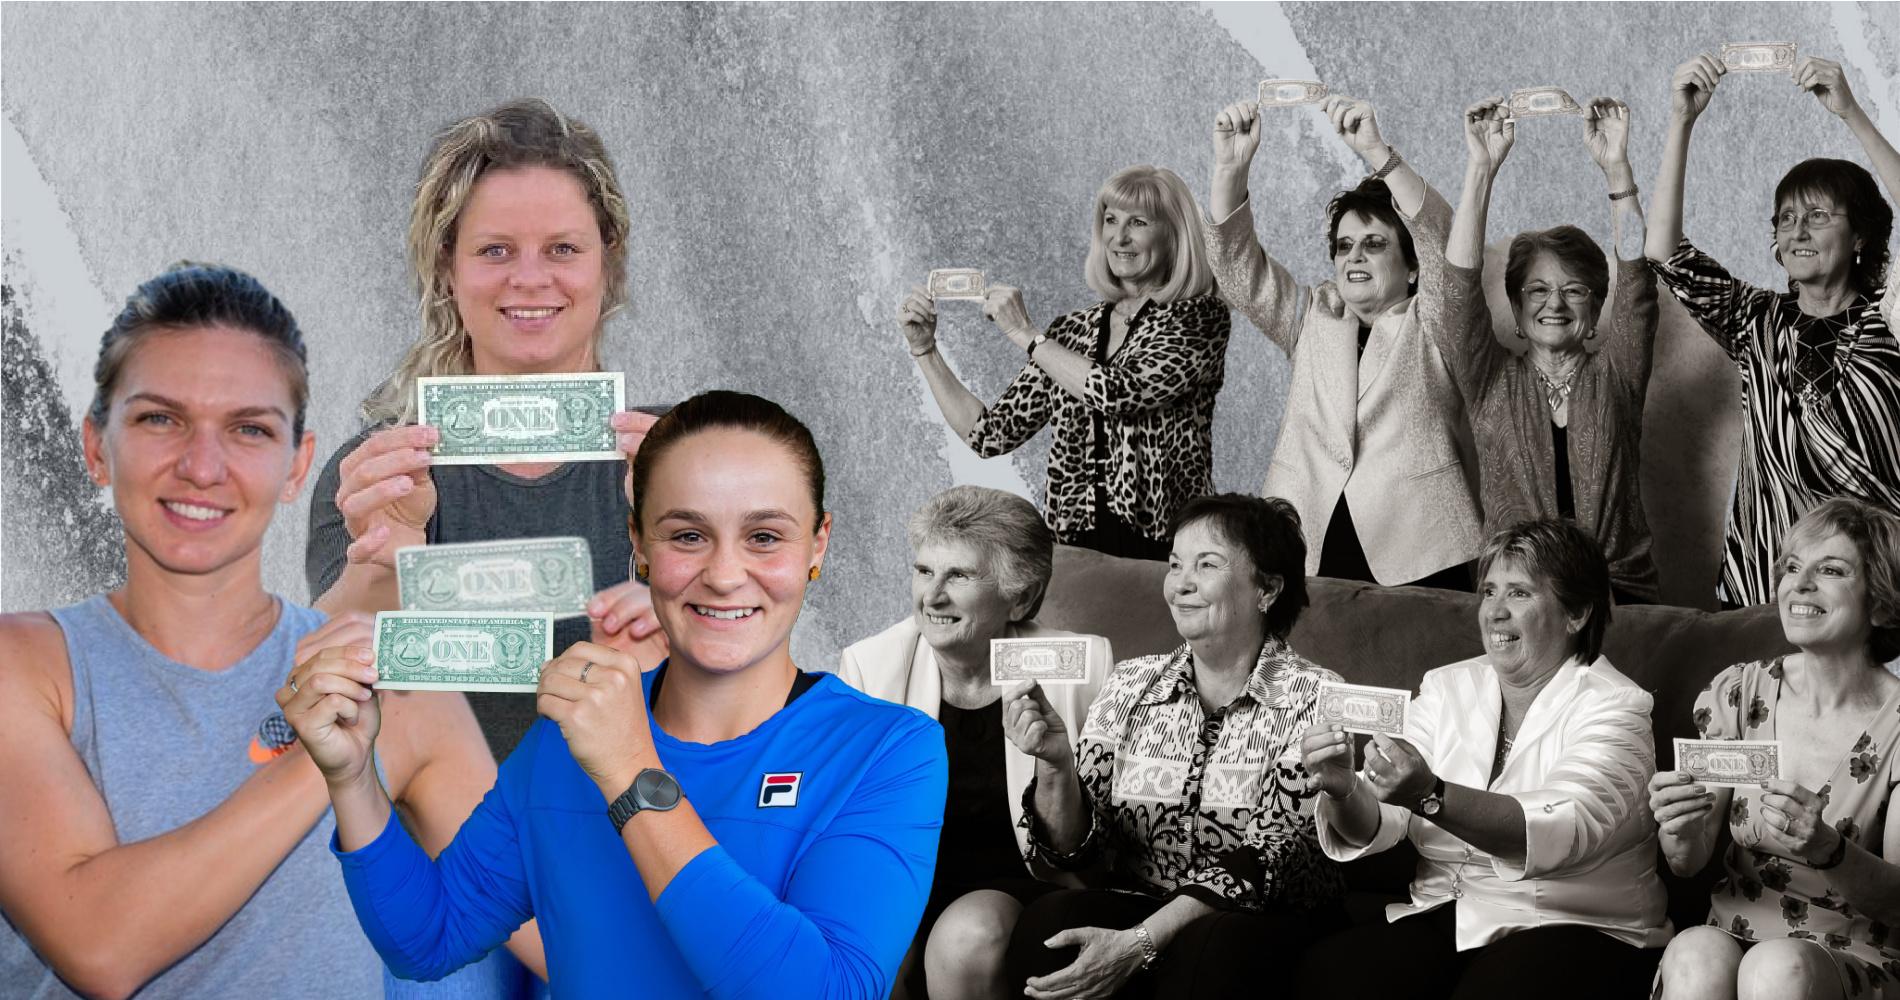 WTA players $1 bill